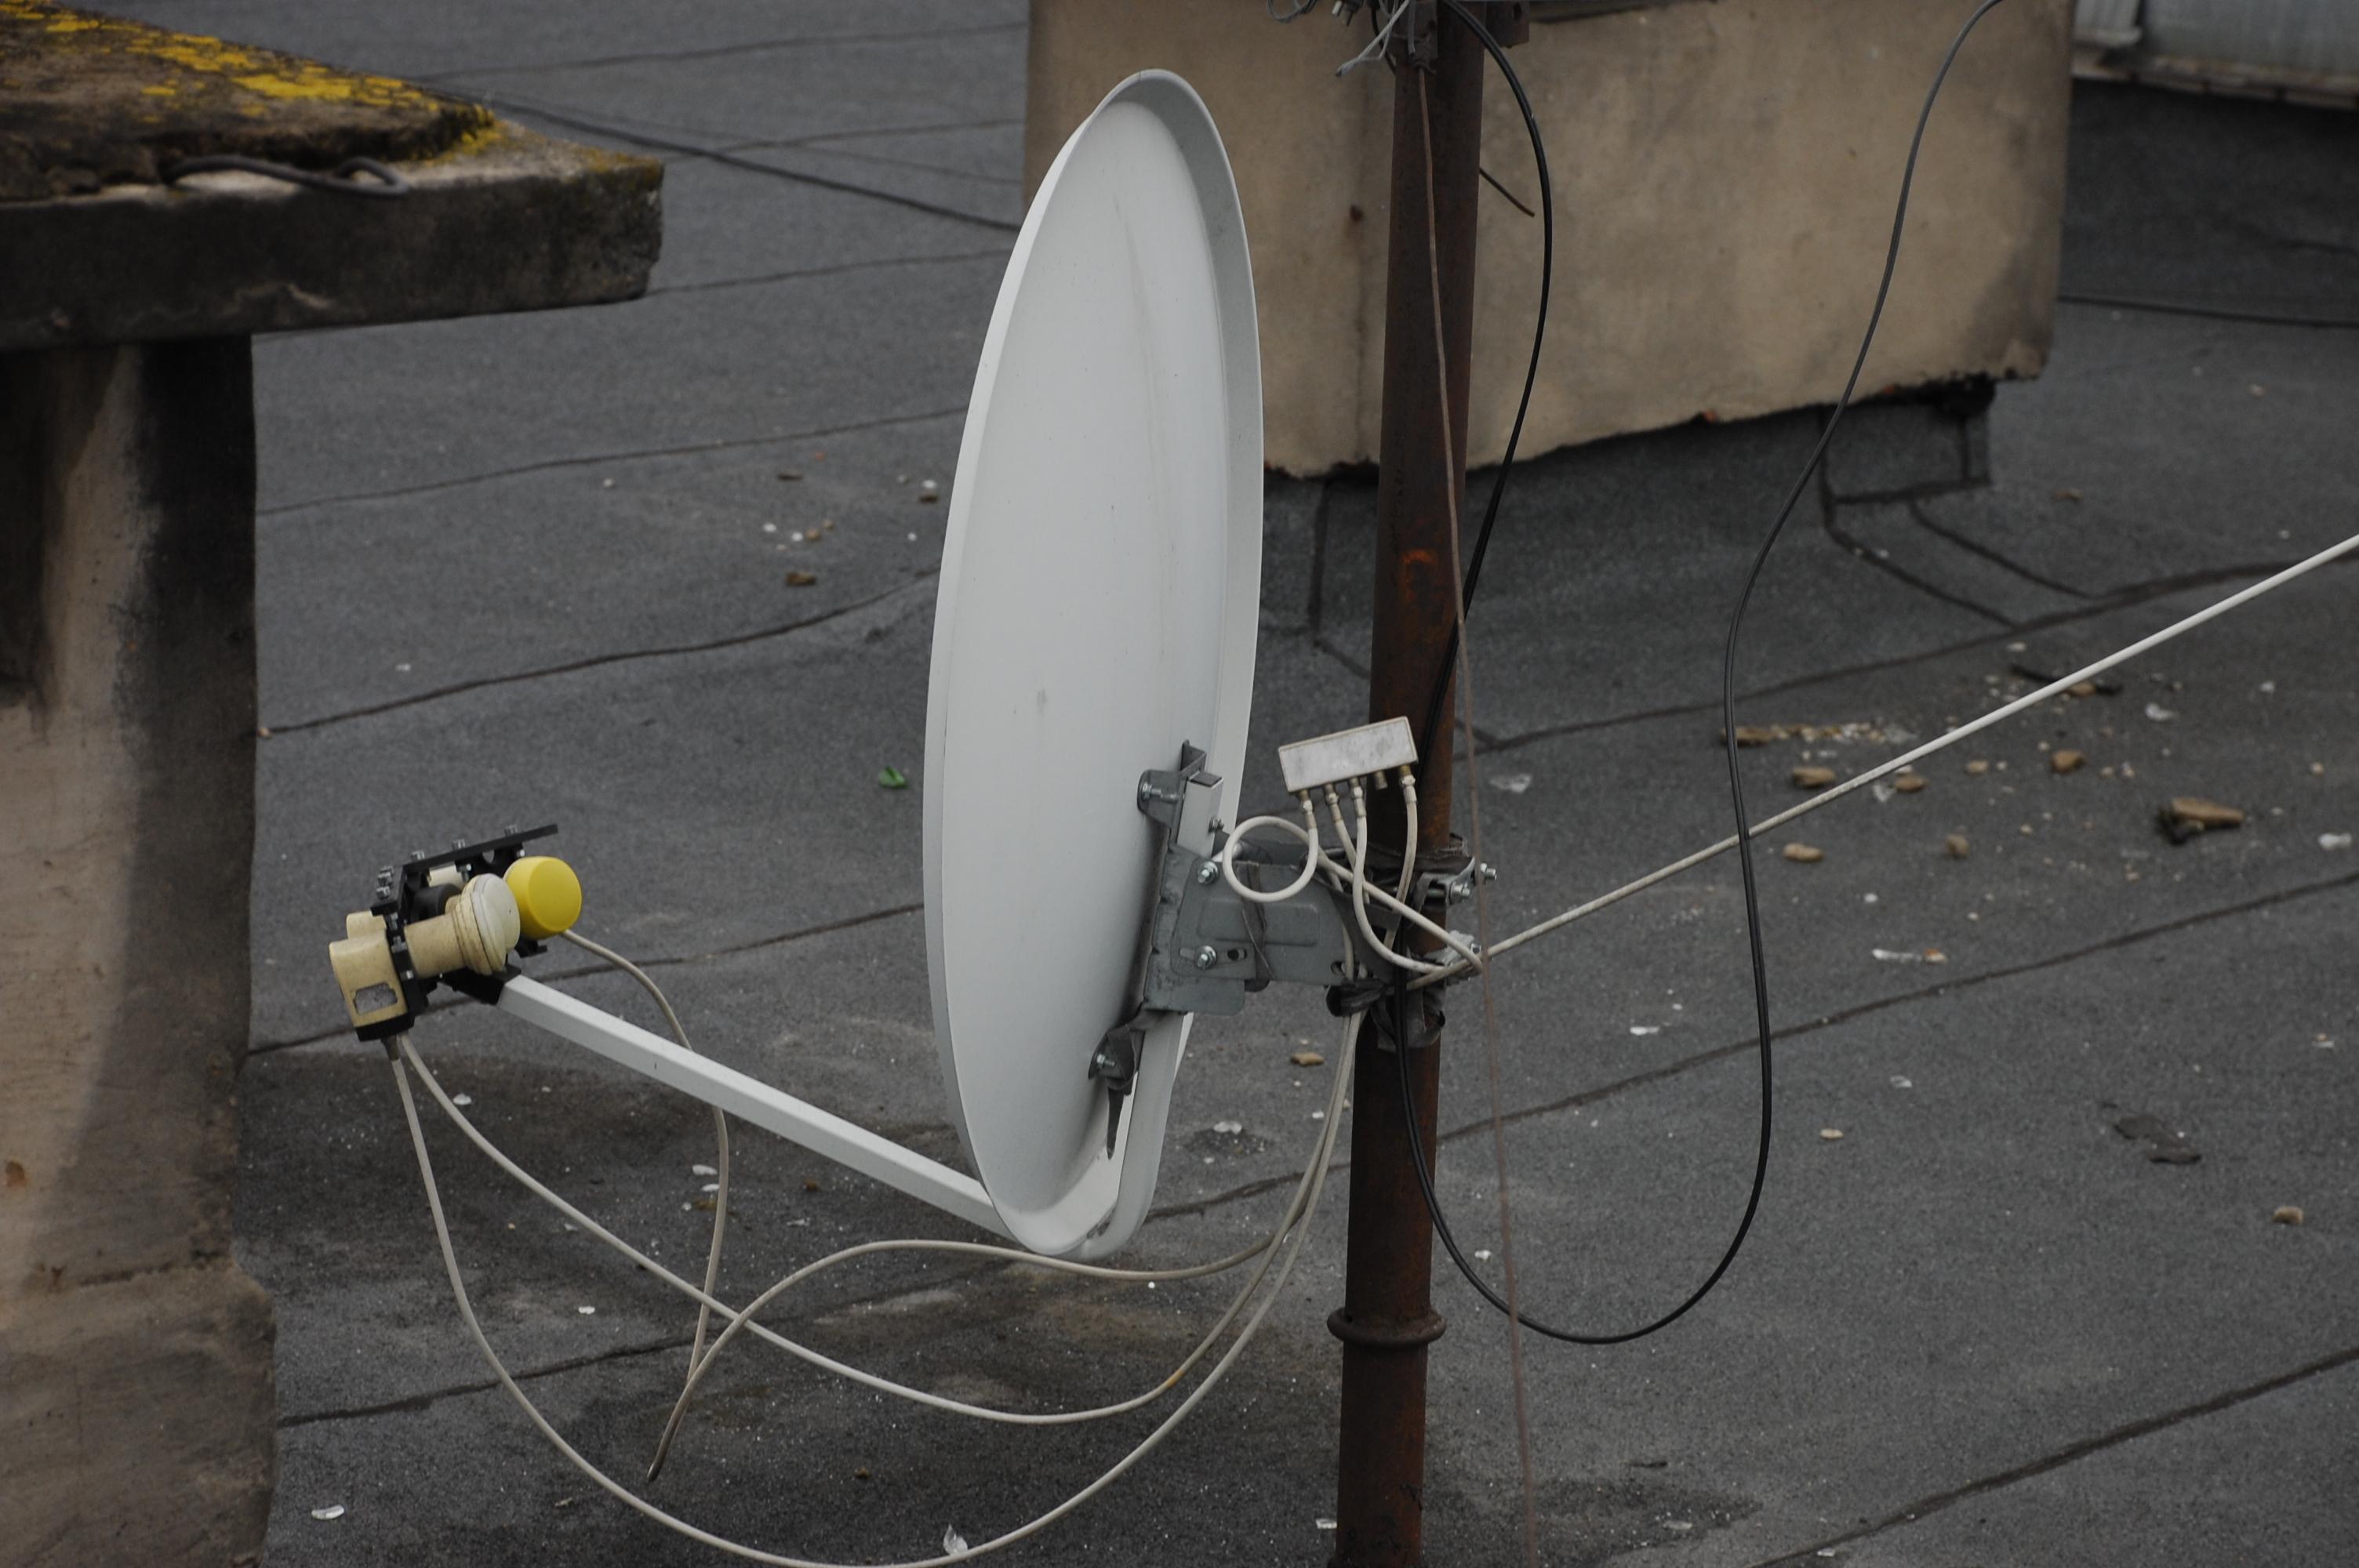 Настройка спутниковой антенны при помощи прибора Sat 16